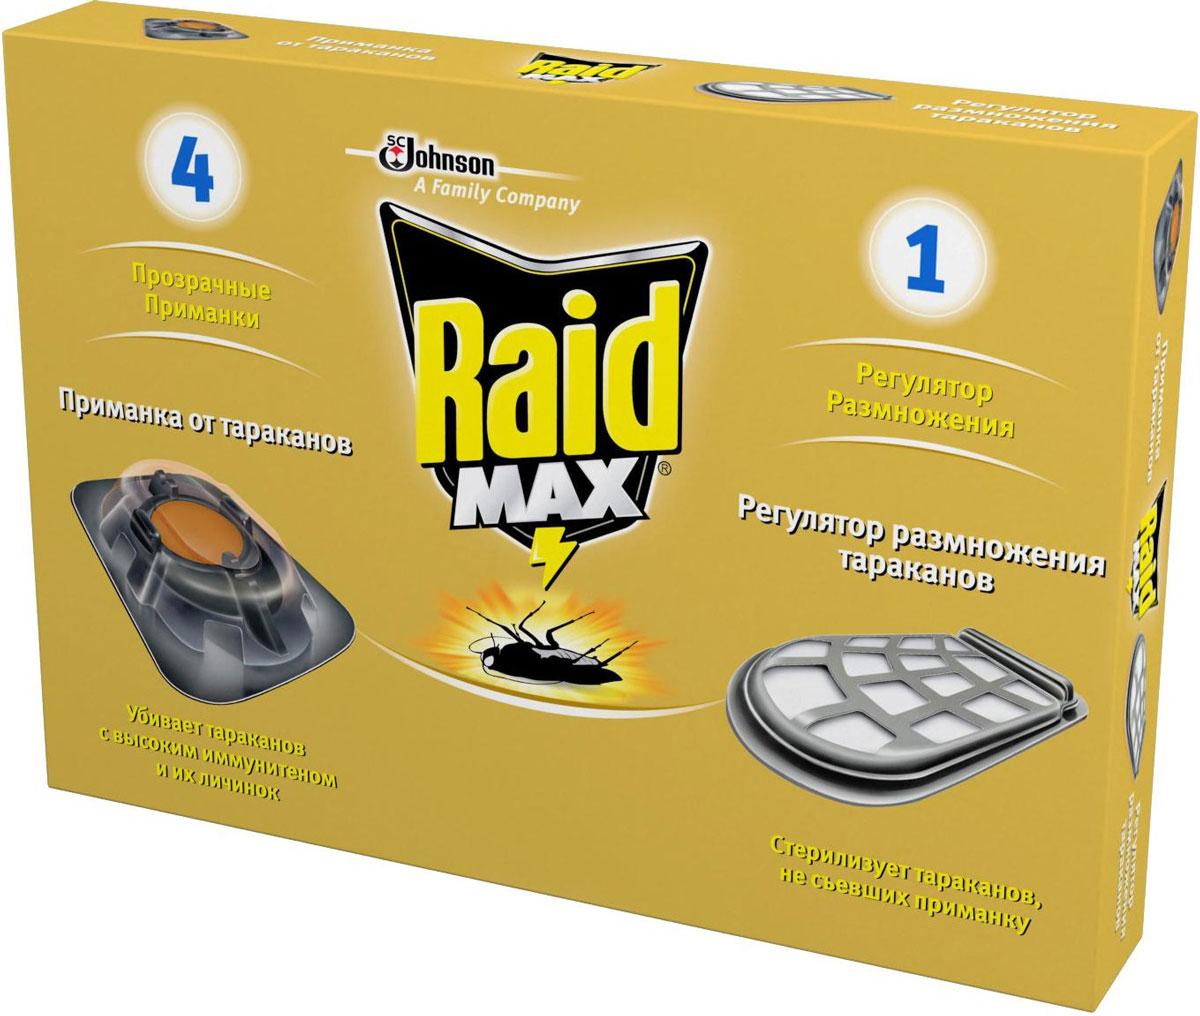 Средство от тараканов Raid Max: 4 приманки, регулятор размножения19201Приманки от тараканов Raid Max содержат инсектицид нового поколения Абамекин, эффективно уничтожающий даже тех тараканов, которые выработали иммунитет к другим средствам, а также эффективно действующий против их личинок. Прозрачный верх приманки Raid Max позволяет вам видеть пищу с инсектицидом, находящуюся внутри, что дает возможность контролировать длительность работы приманки:пока содержимое не съедено полностью, приманка работает (не более трех месяцев).Способ применения Приманок от тараканов Raid Max: Для максимального эффекта используйте одновременно 3-4приманки на площади до 7 квадратных метров, а при большом количестве насекомых удвойте количество приманок.Длялучшего эффекта располагайте приманки в непосредственной близости от плинтусов, в углах, под мойкой, в шкафах, где хранятся мусорные ведра и вблизи водопроводных труб.Меняйте ВСЕ приманки каждые 3 месяца. Укажите дату размещения приманки на обратной стороне диска и используйте этот указатель для напоминания о дате смены приманки.После использования, не нарушая целостности приманки, завернуть в бумагу и выбросить в мусоропровод.